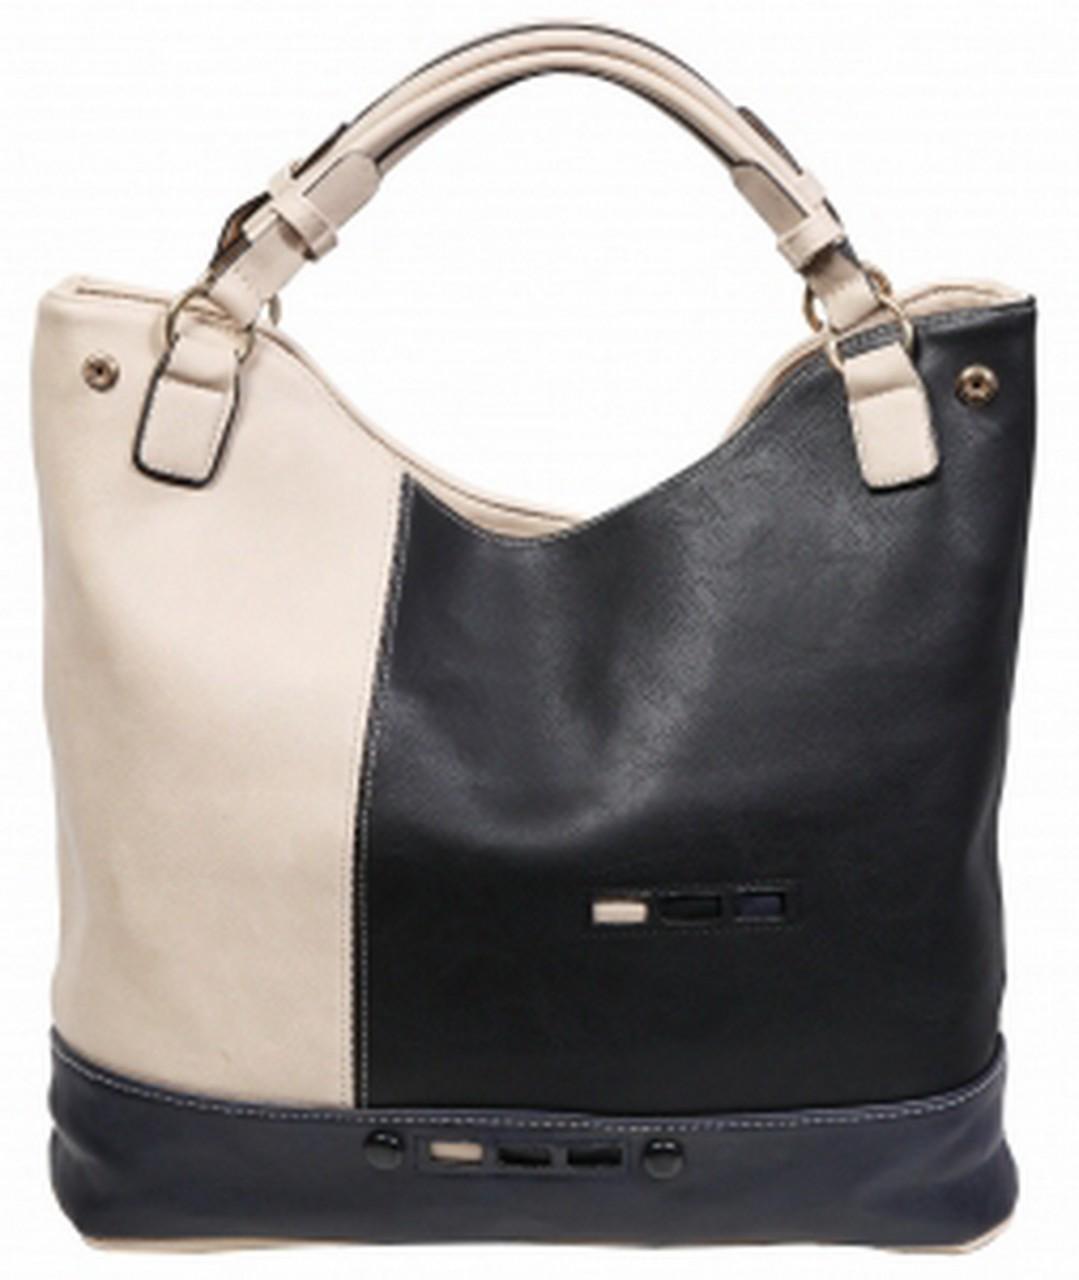 Damenhandtasche schwarz/beige